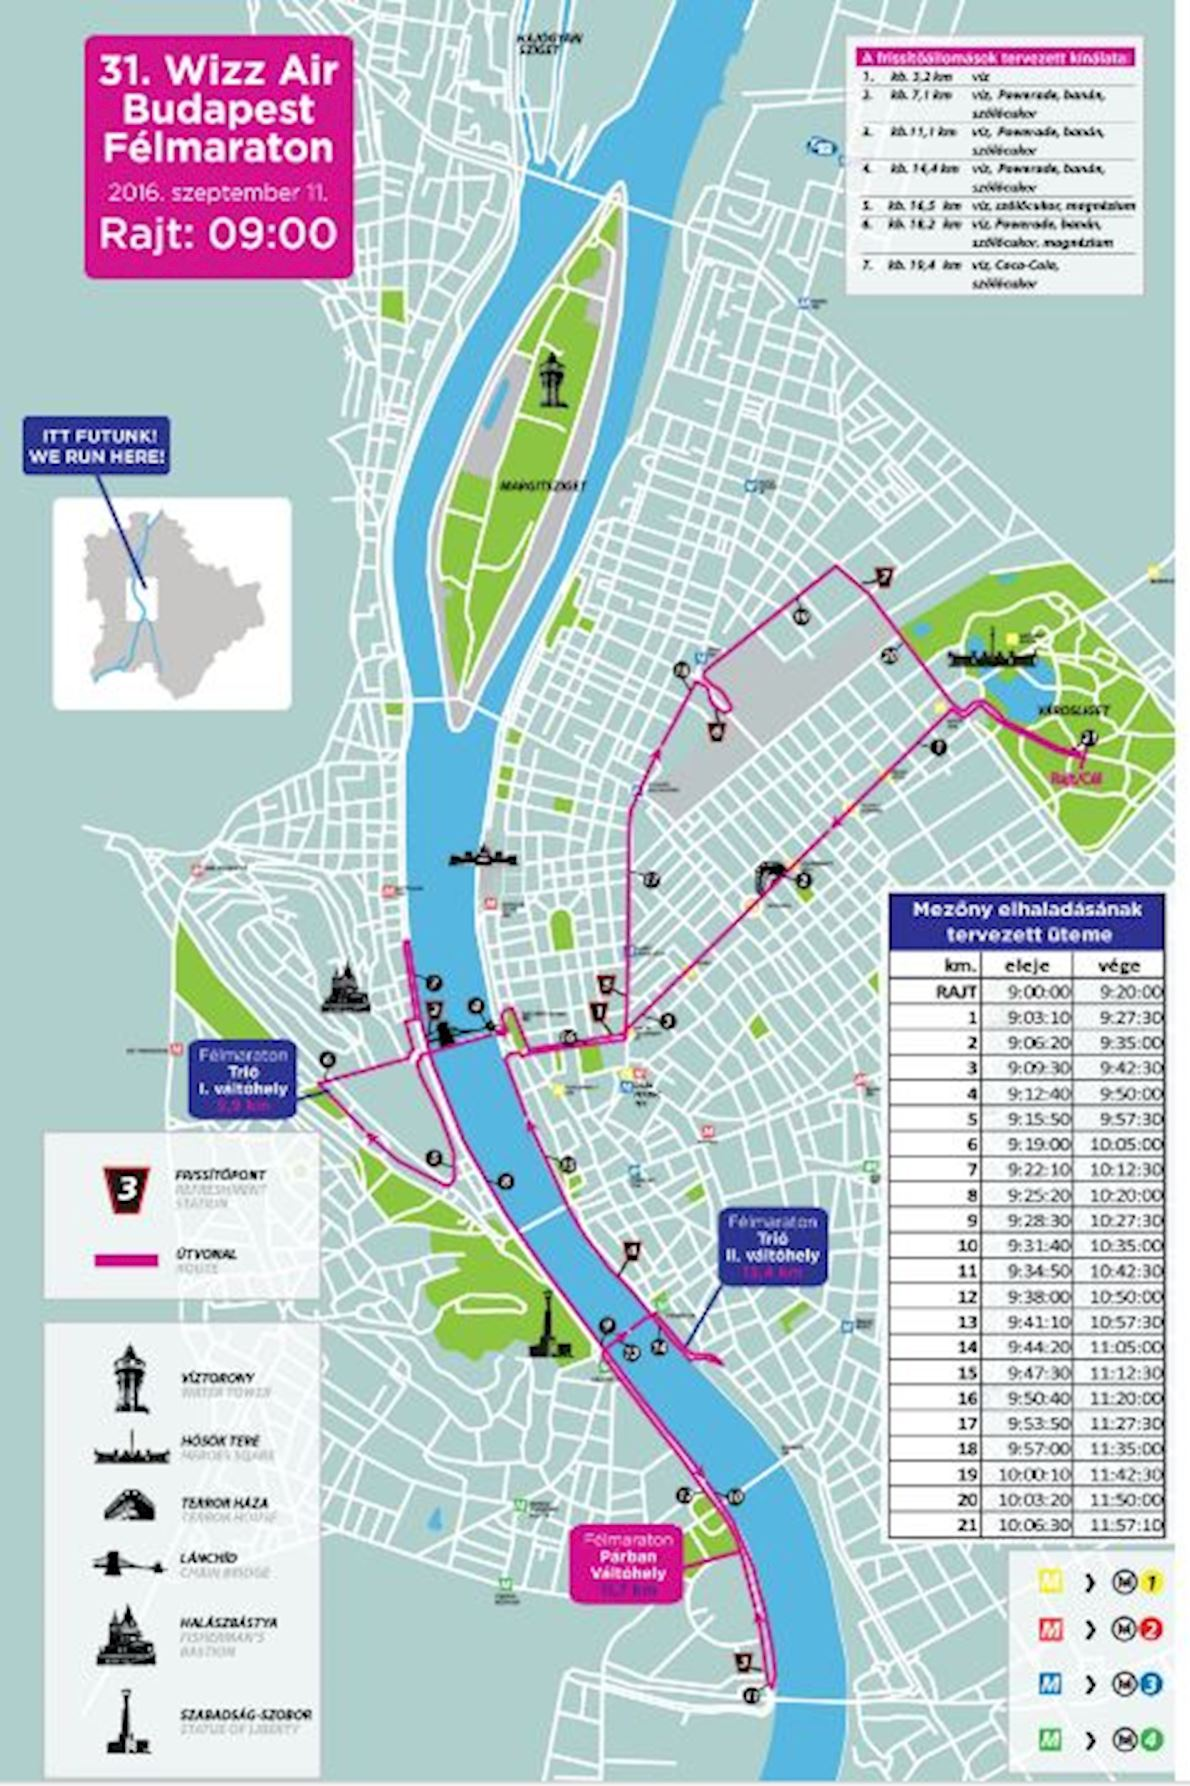 Wizz Air Budapest Half Marathon 路线图